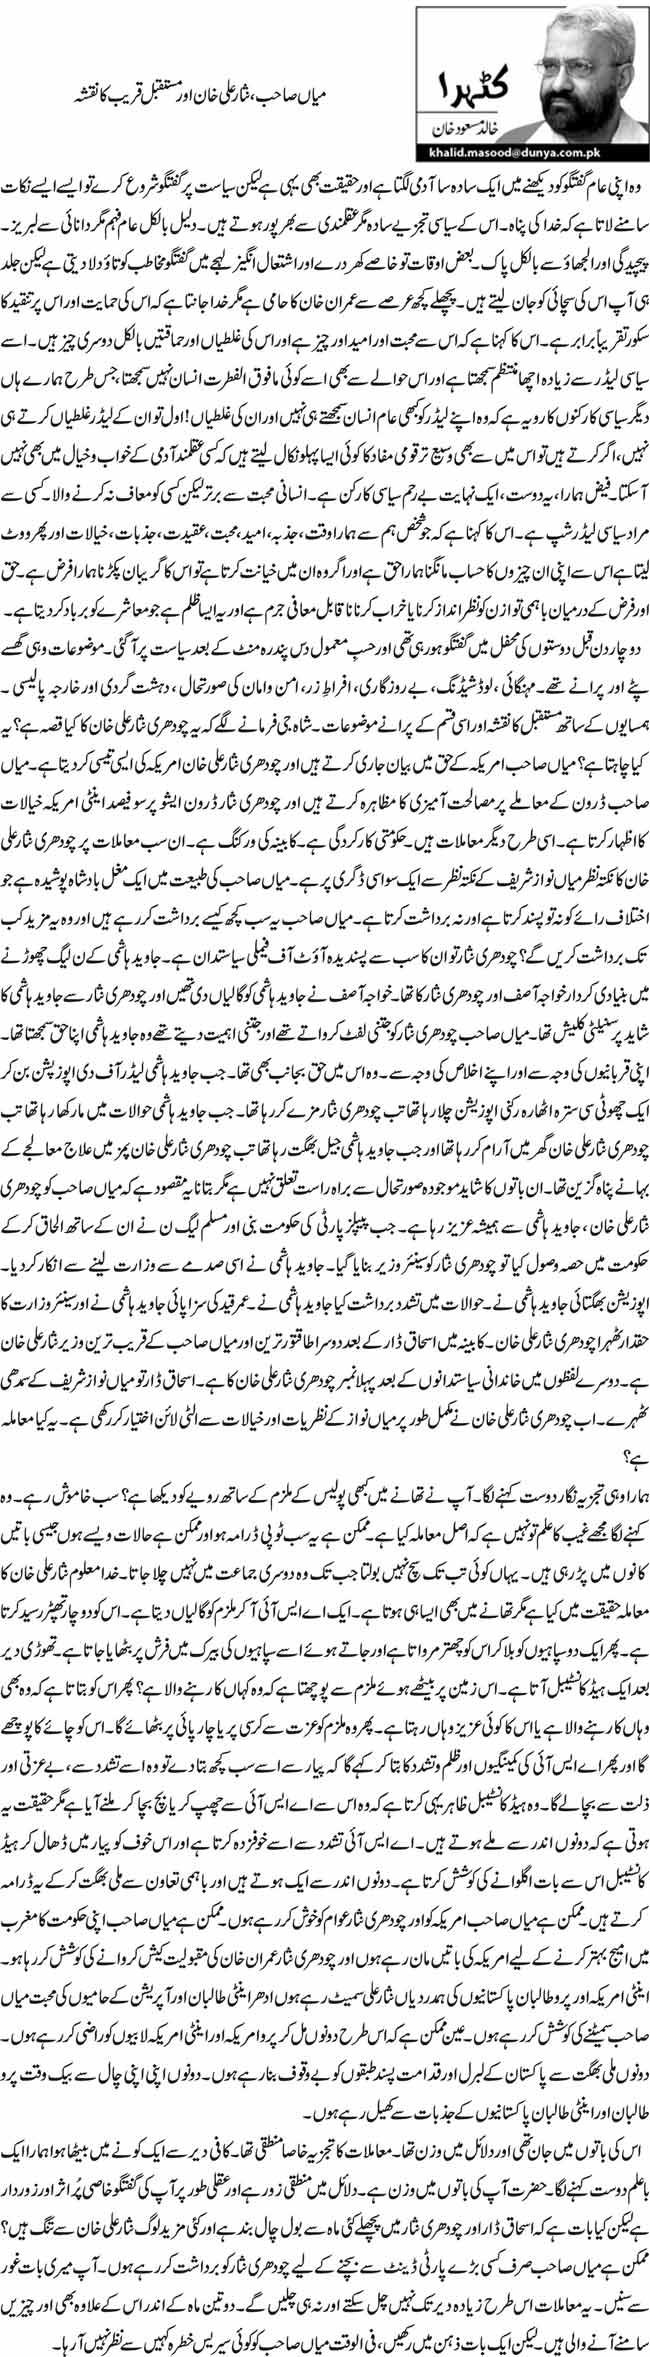 میاں صاحب ، نثار علی خان اور مستقبل قریب کا نقشہ